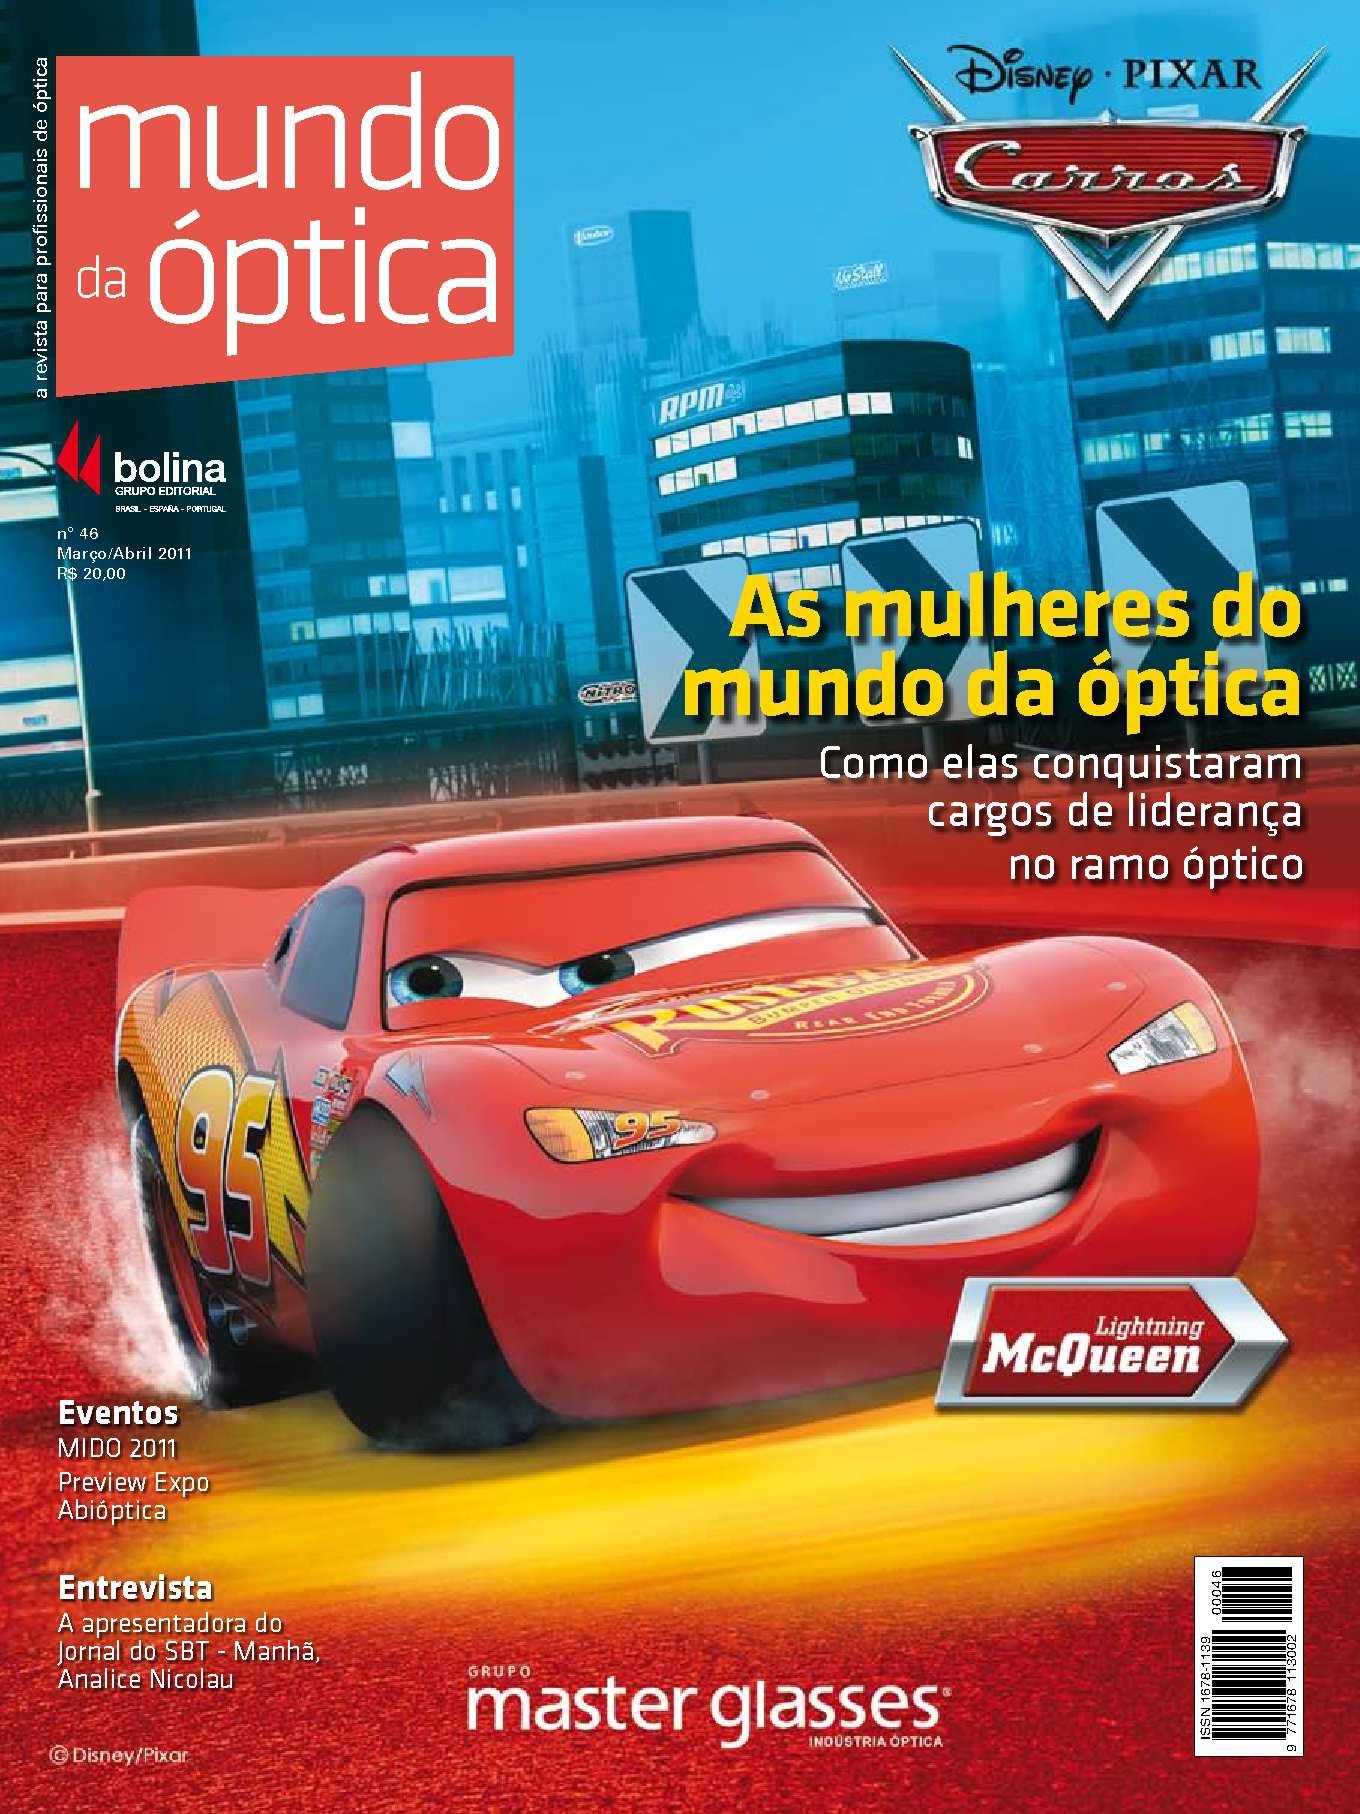 Calaméo - Mundo da Óptica - Brasil  46 2336c524c9